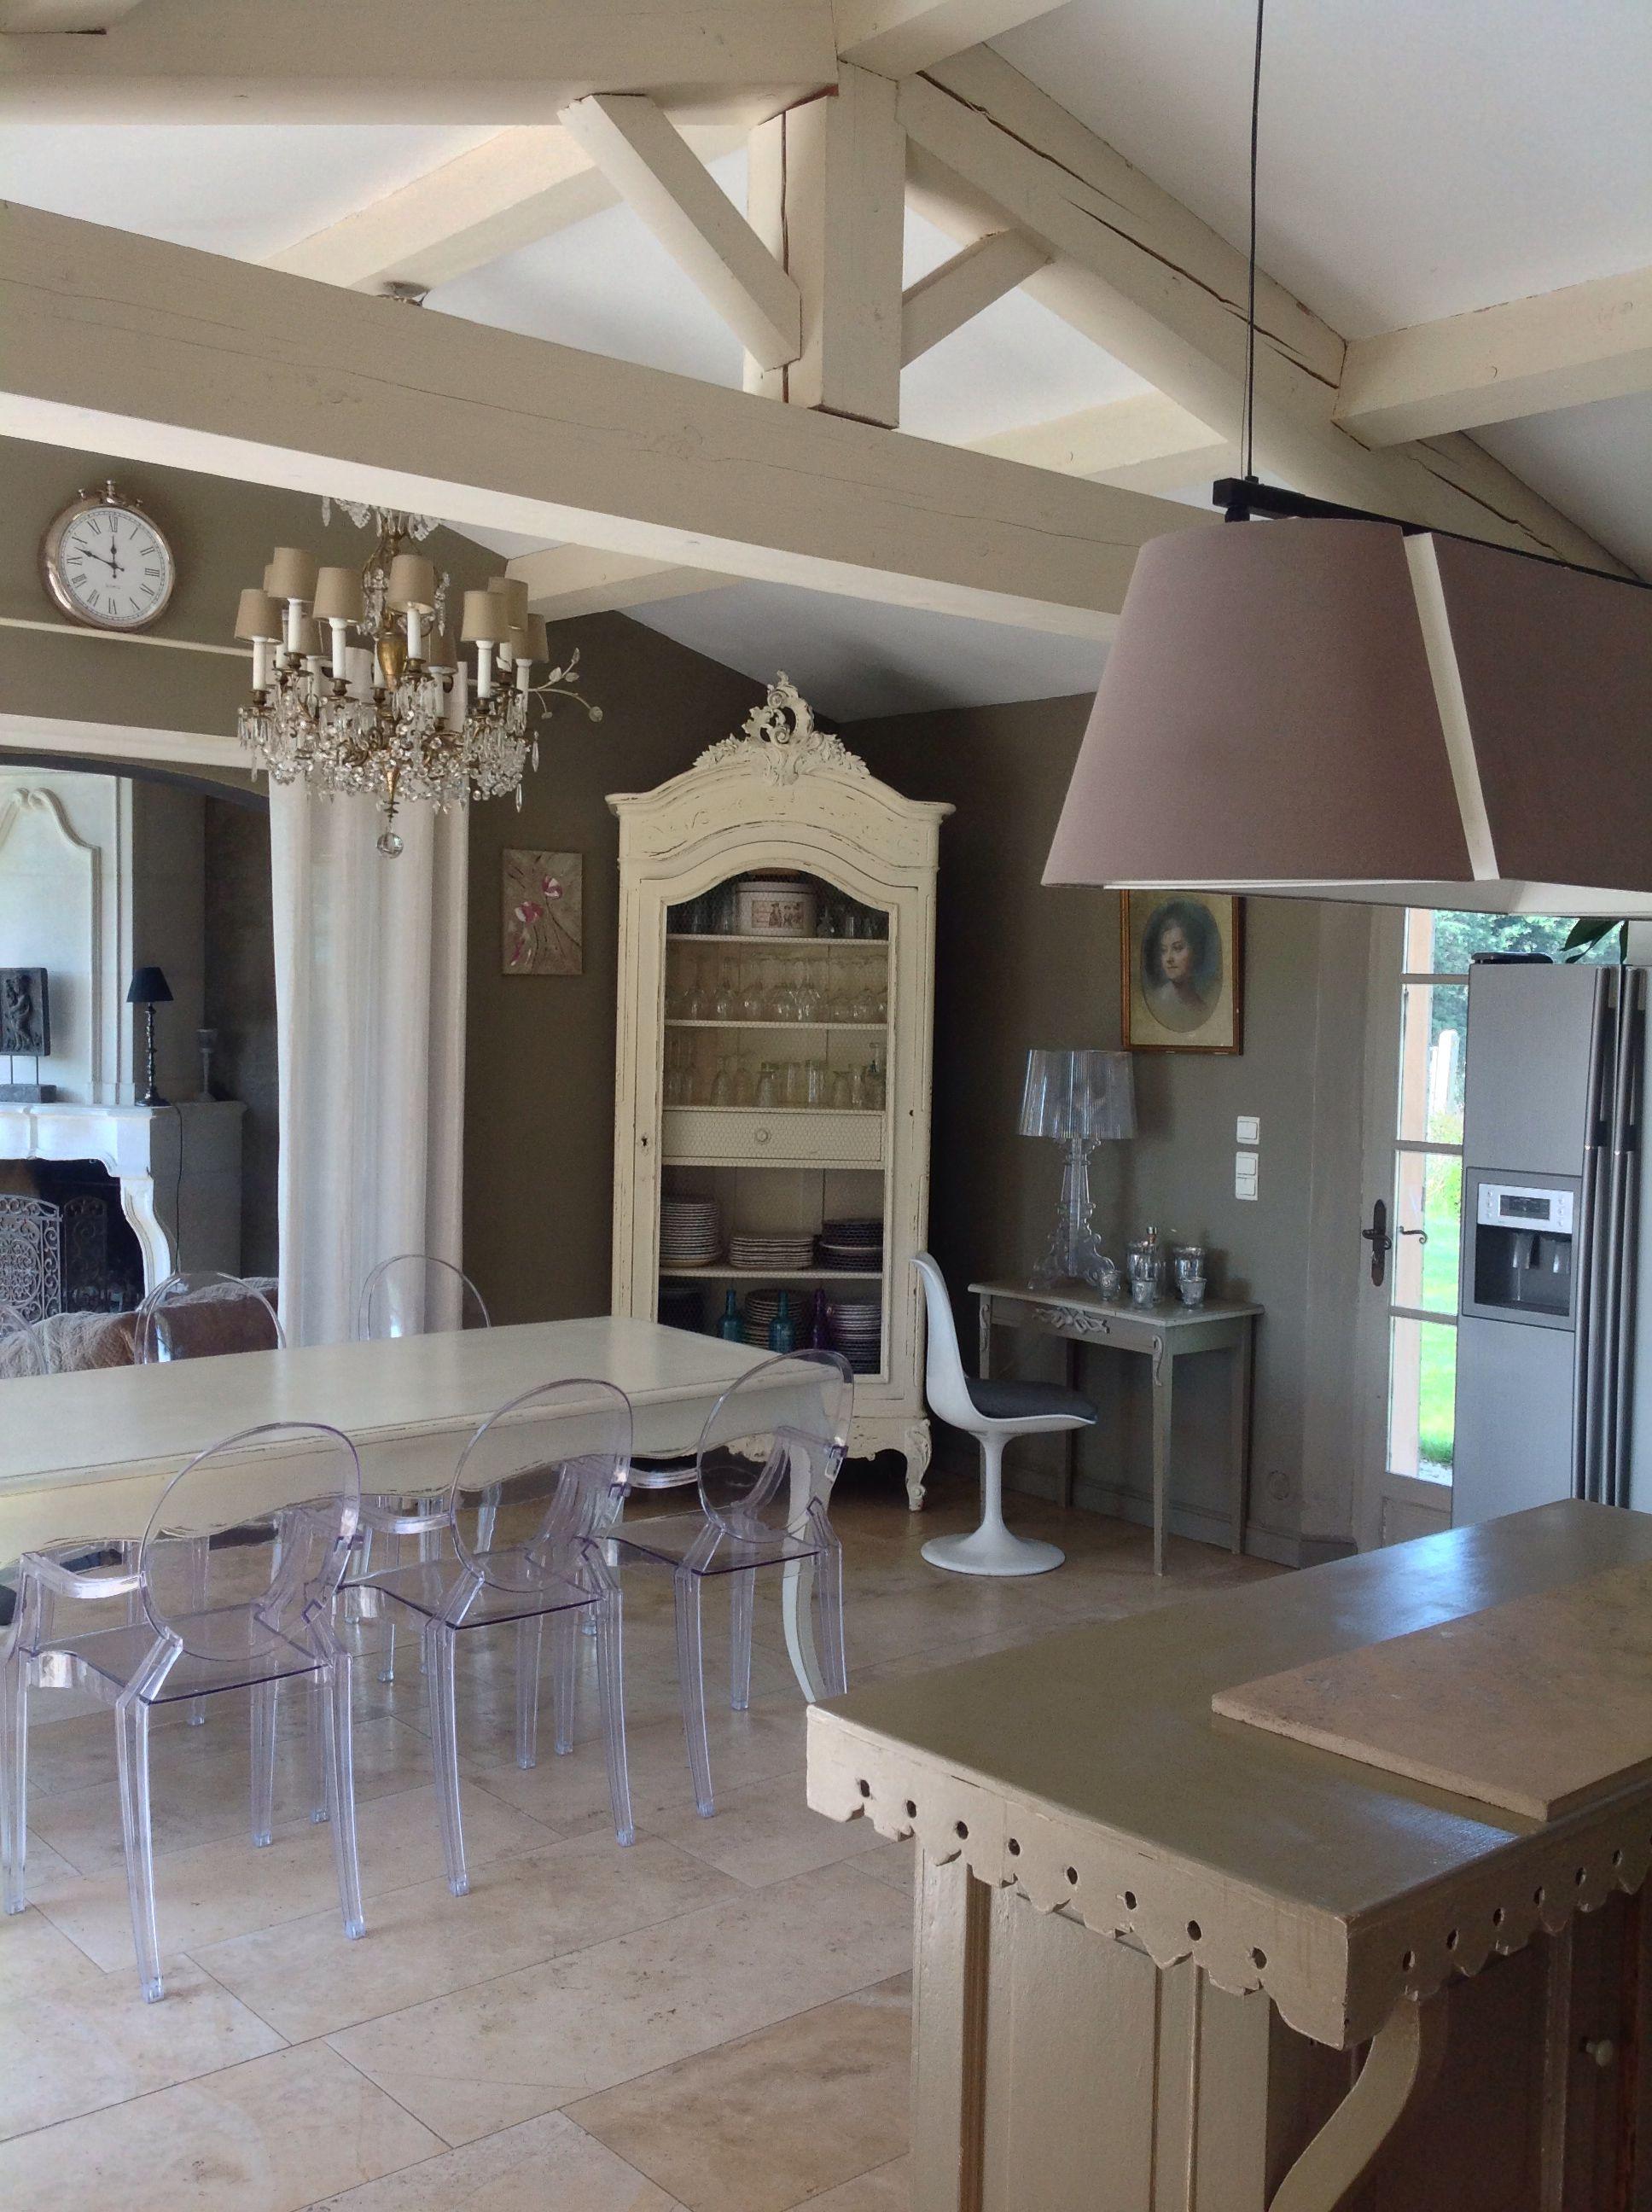 Table Ancienne Et Chaises Stark Deco Interieure Decoration Interieure Decoration Maison